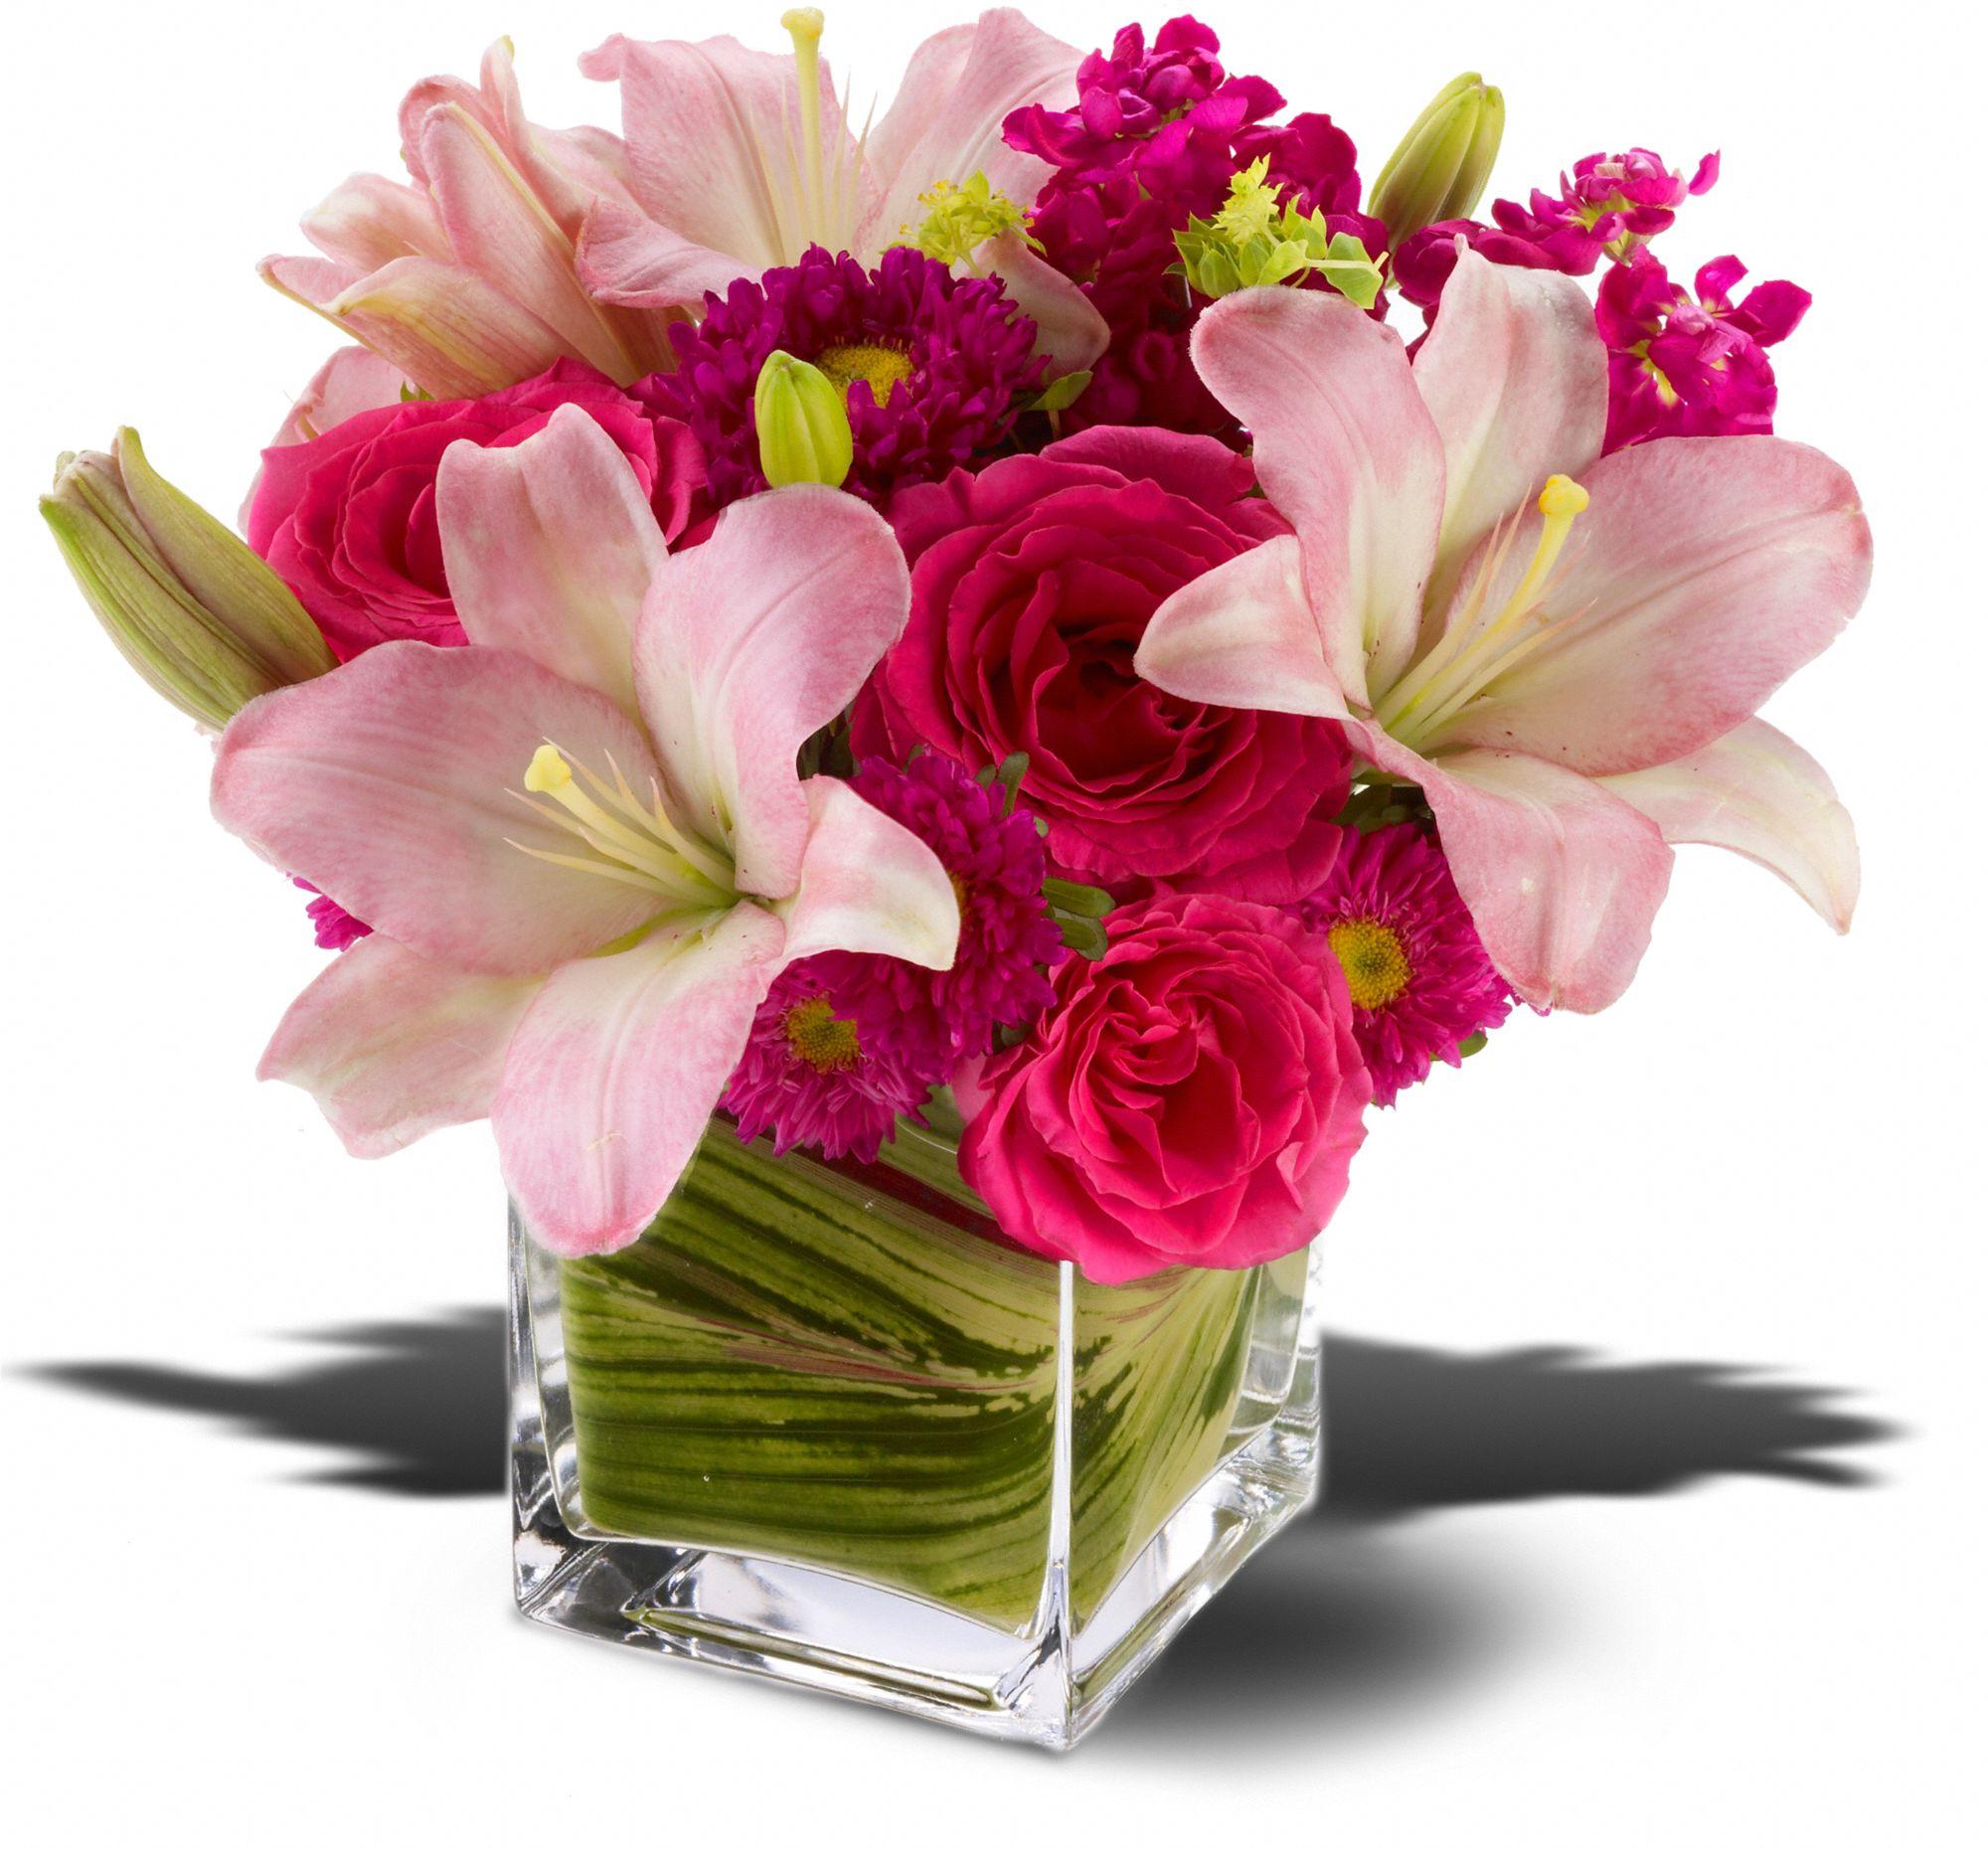 Freshland Flowers company